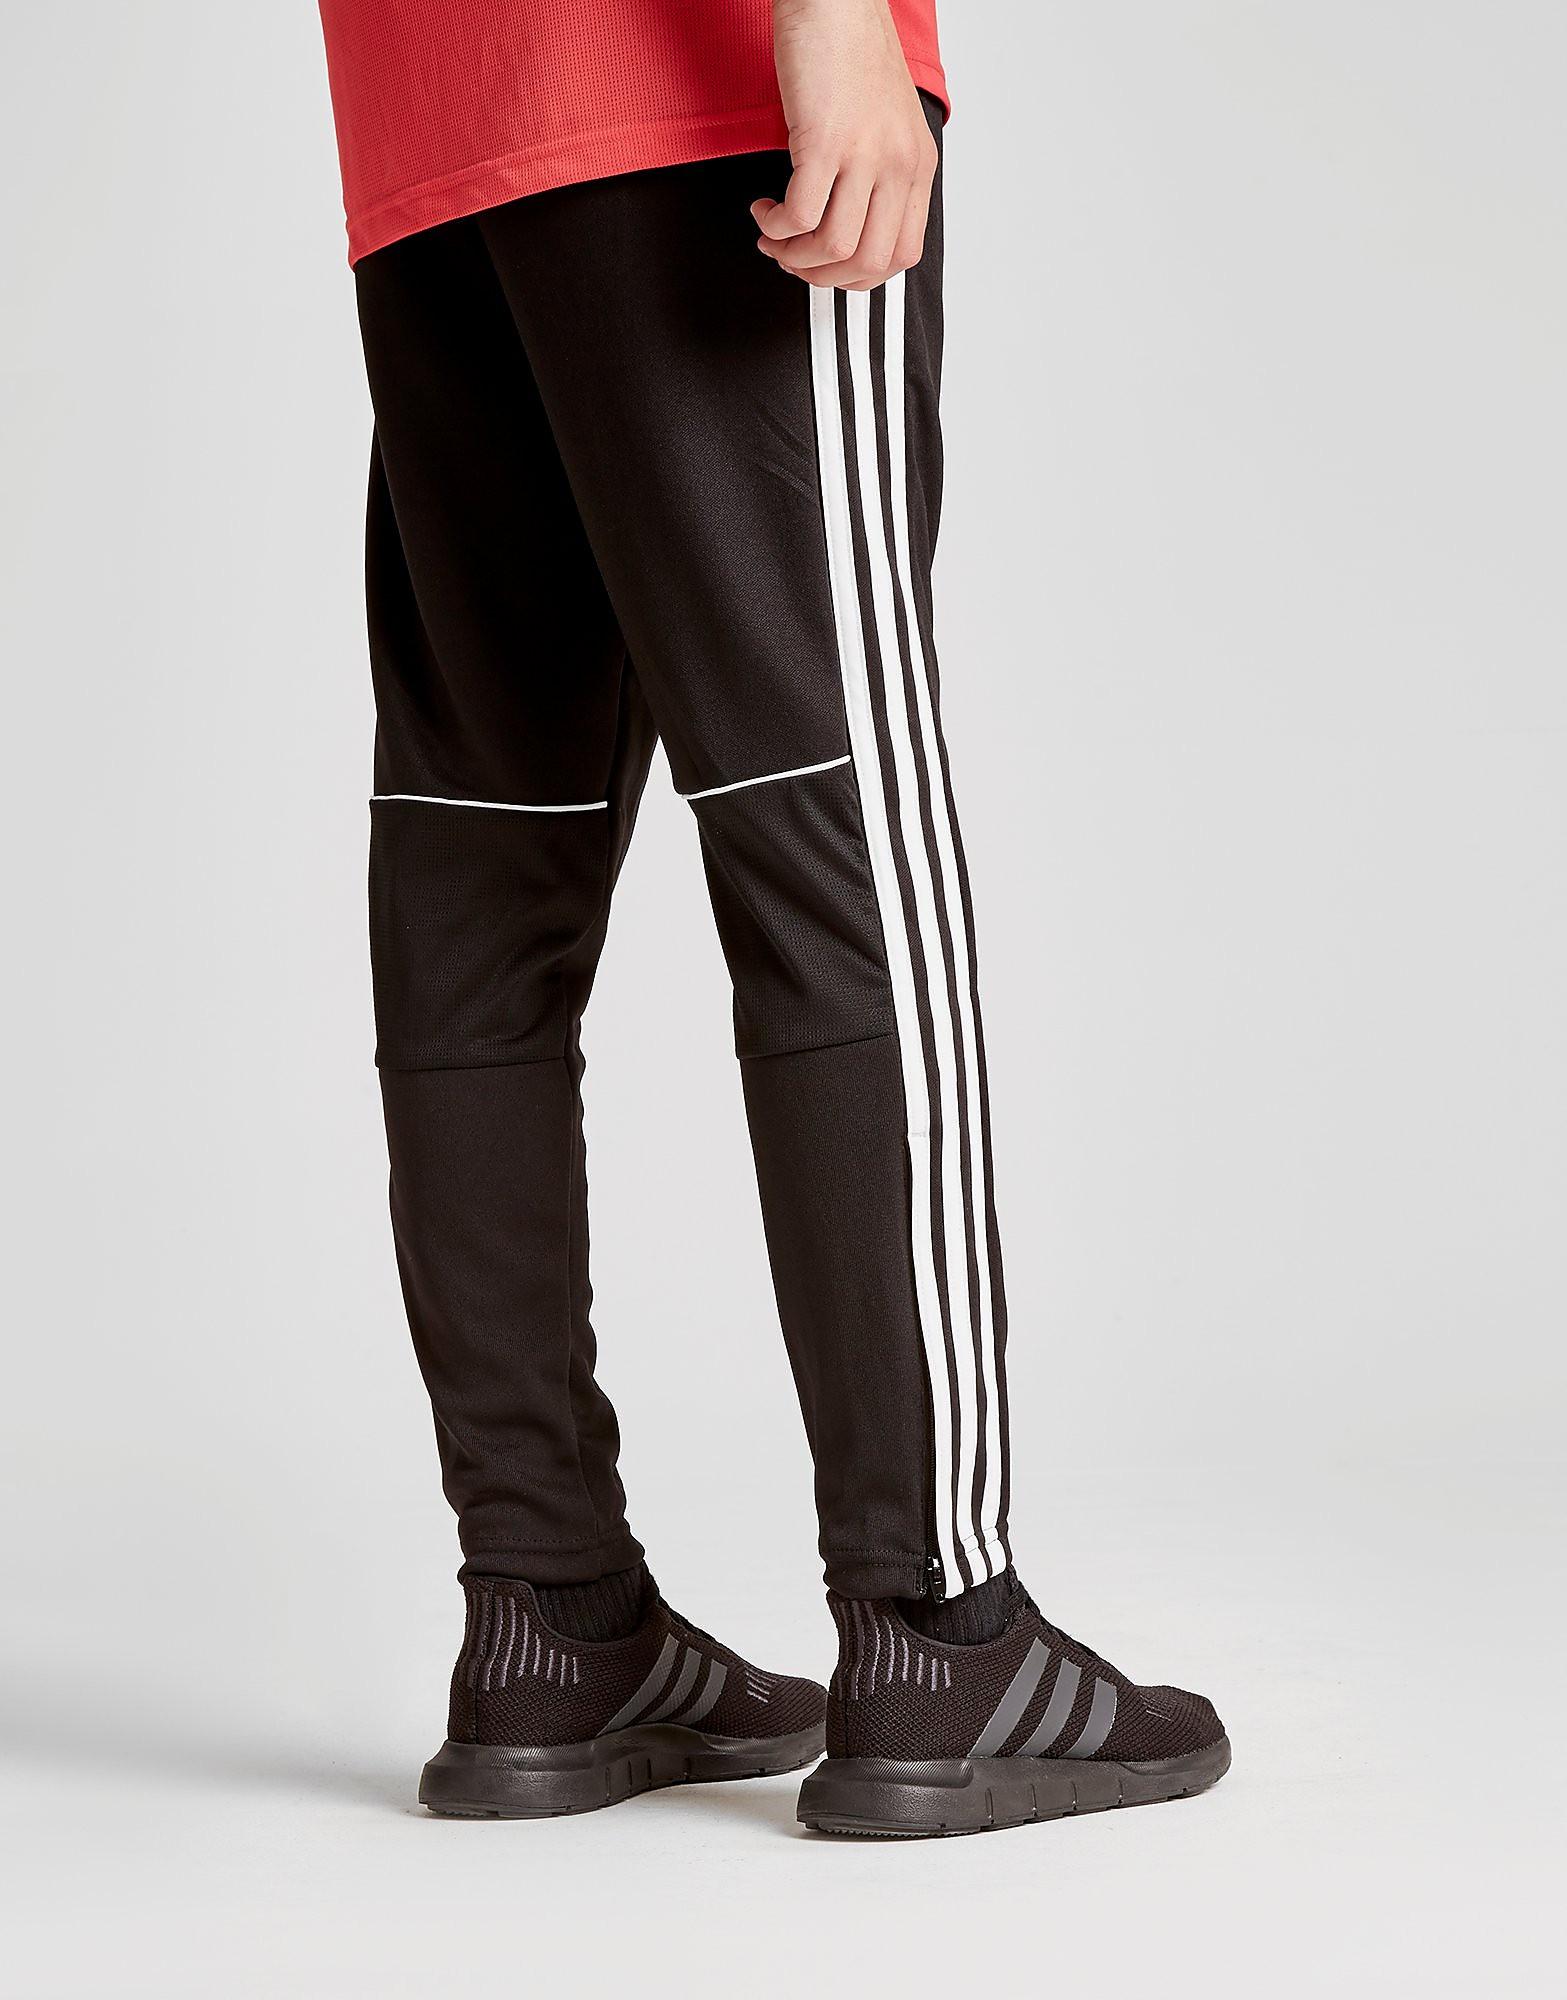 adidas Tango Hosen Junior Schwarz-Weiß